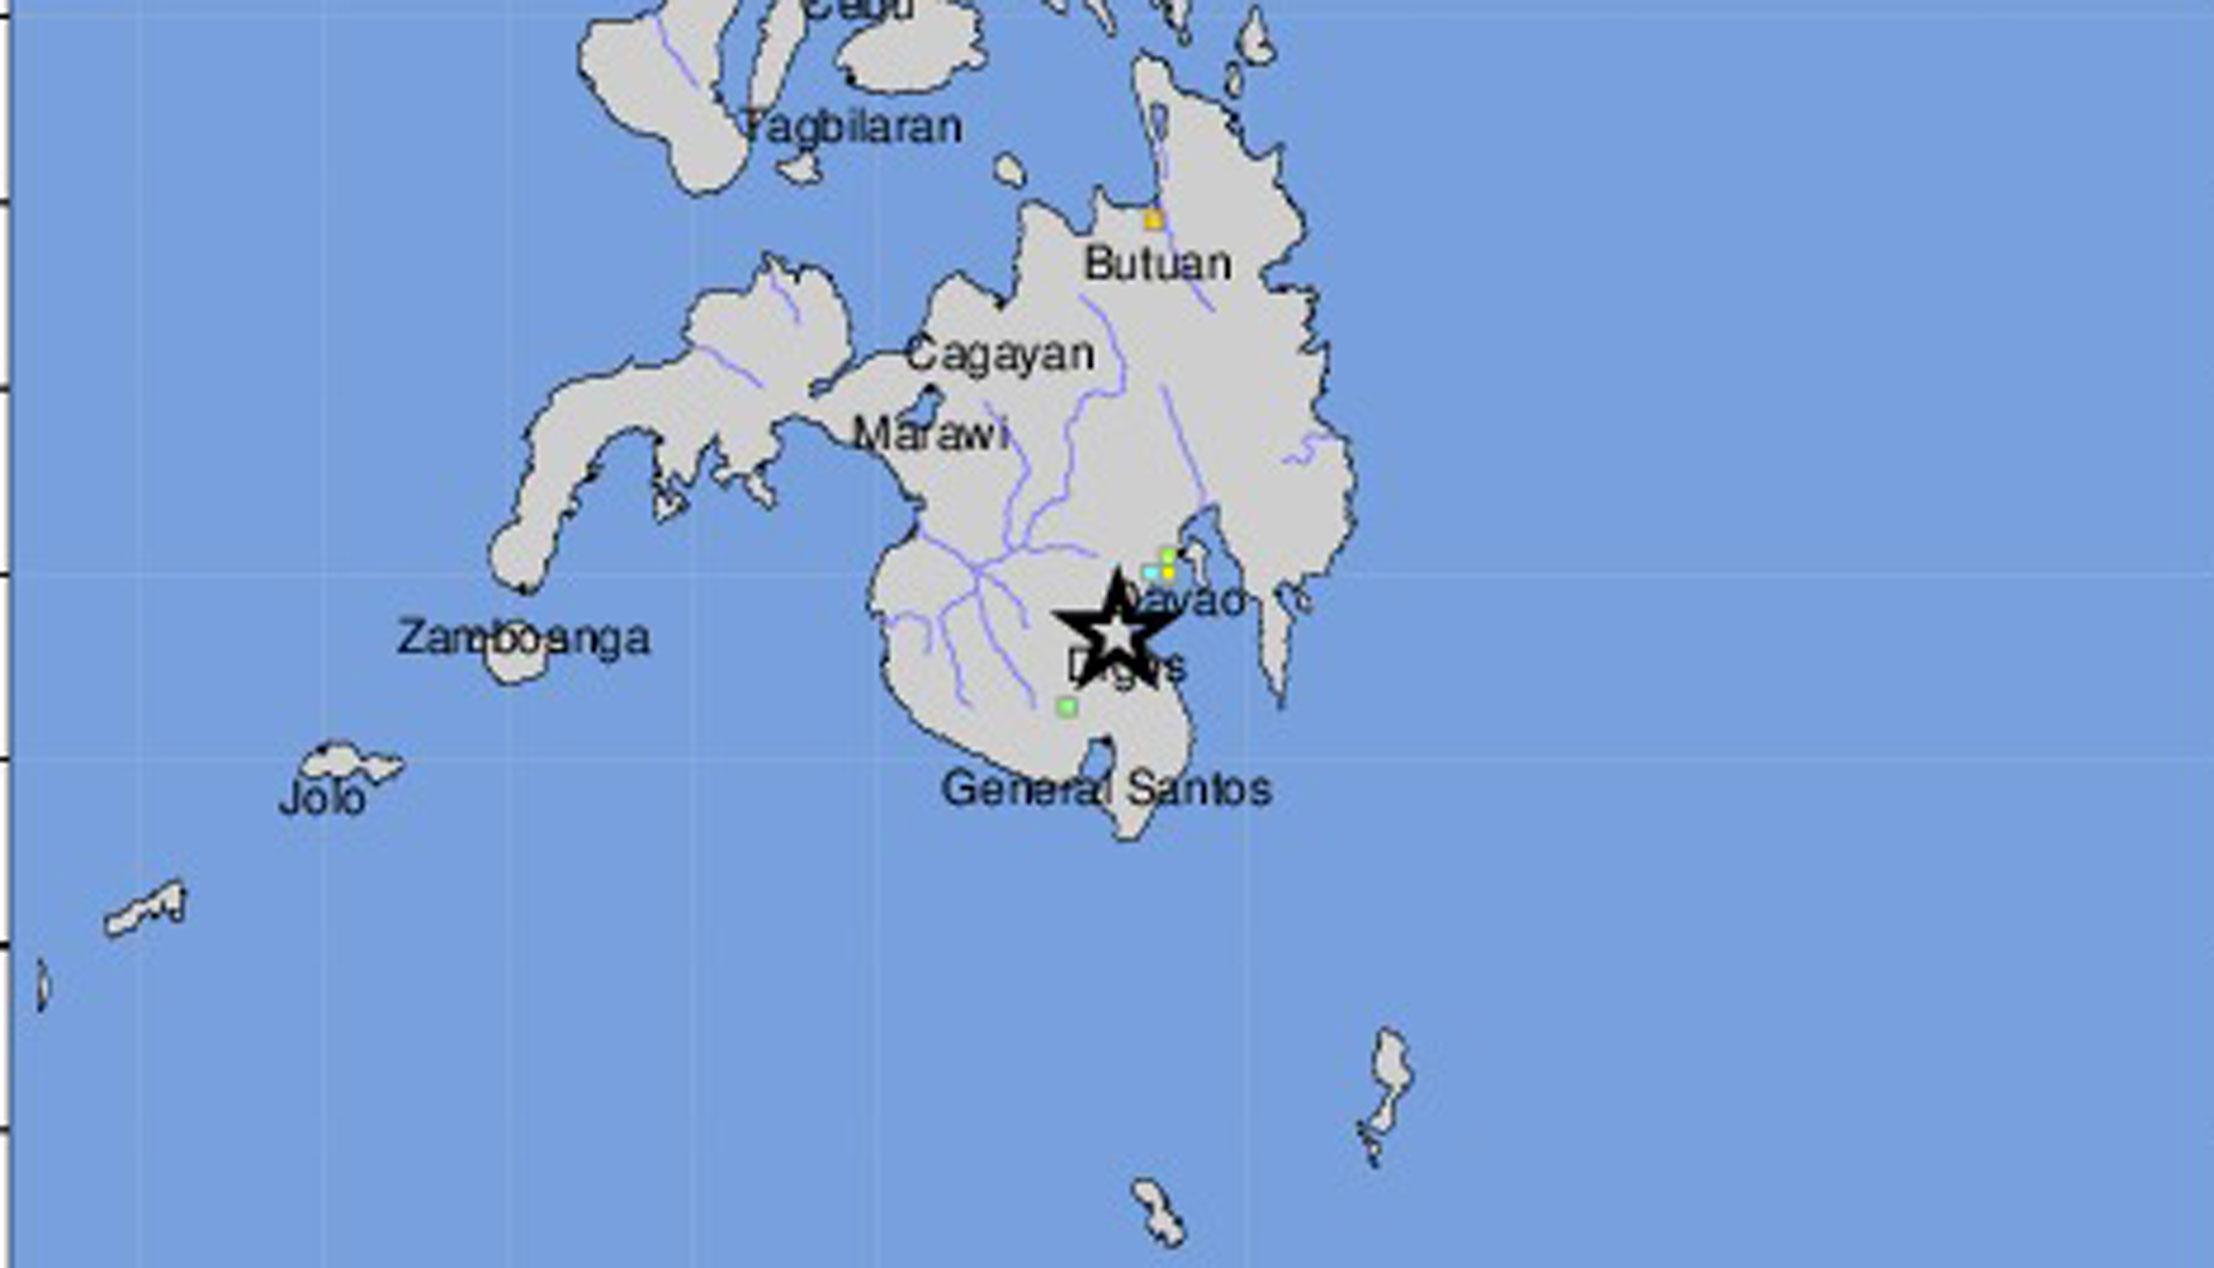 6,9 Ρίχτερ ταρακούνησαν τις Φιλιππίνες! Δεν υπάρχει απειλή για τσουνάμι